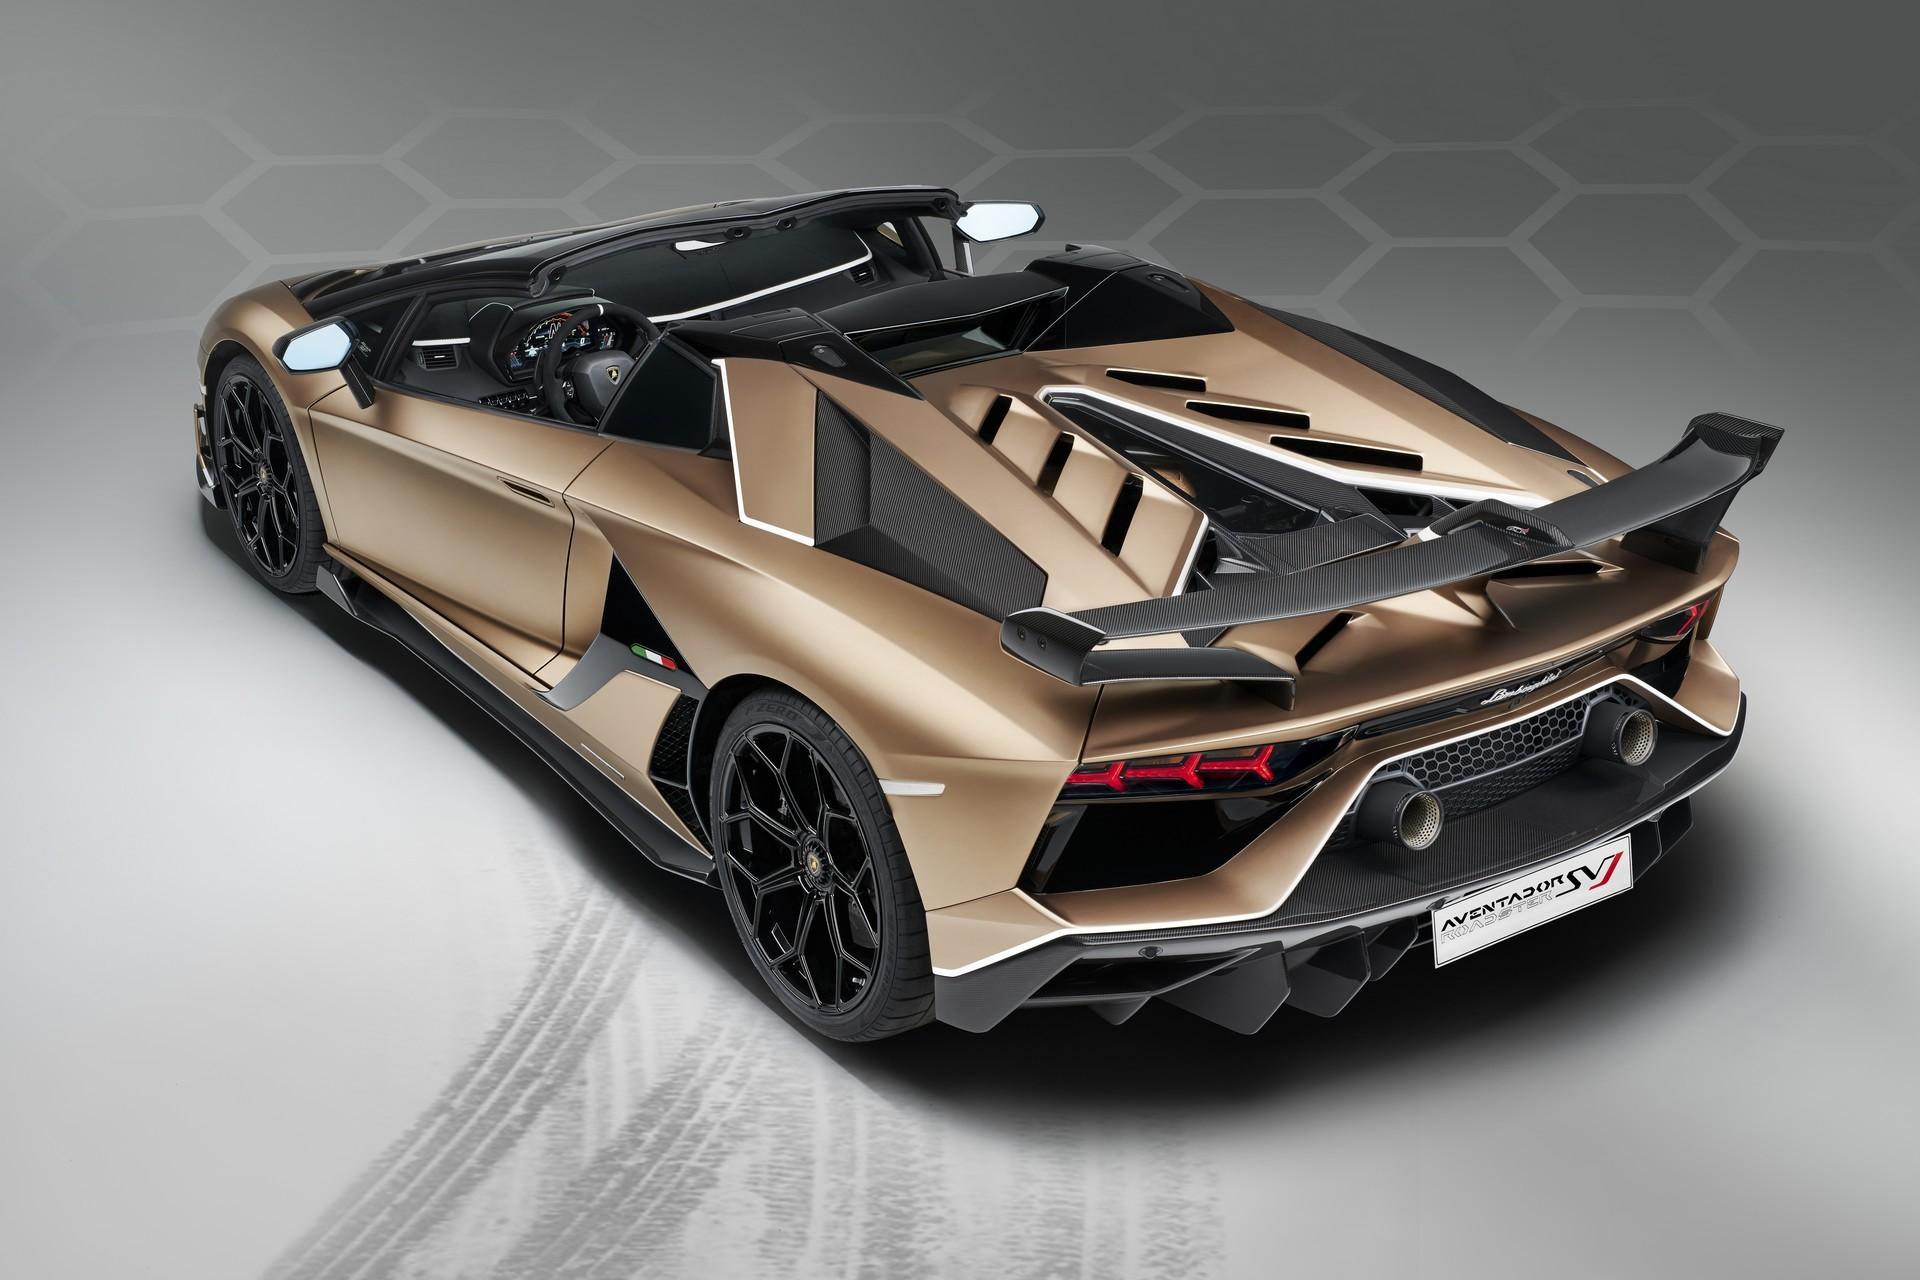 2019 Geneva Motor Show The Fabulous Lamborghini Aventador Svj